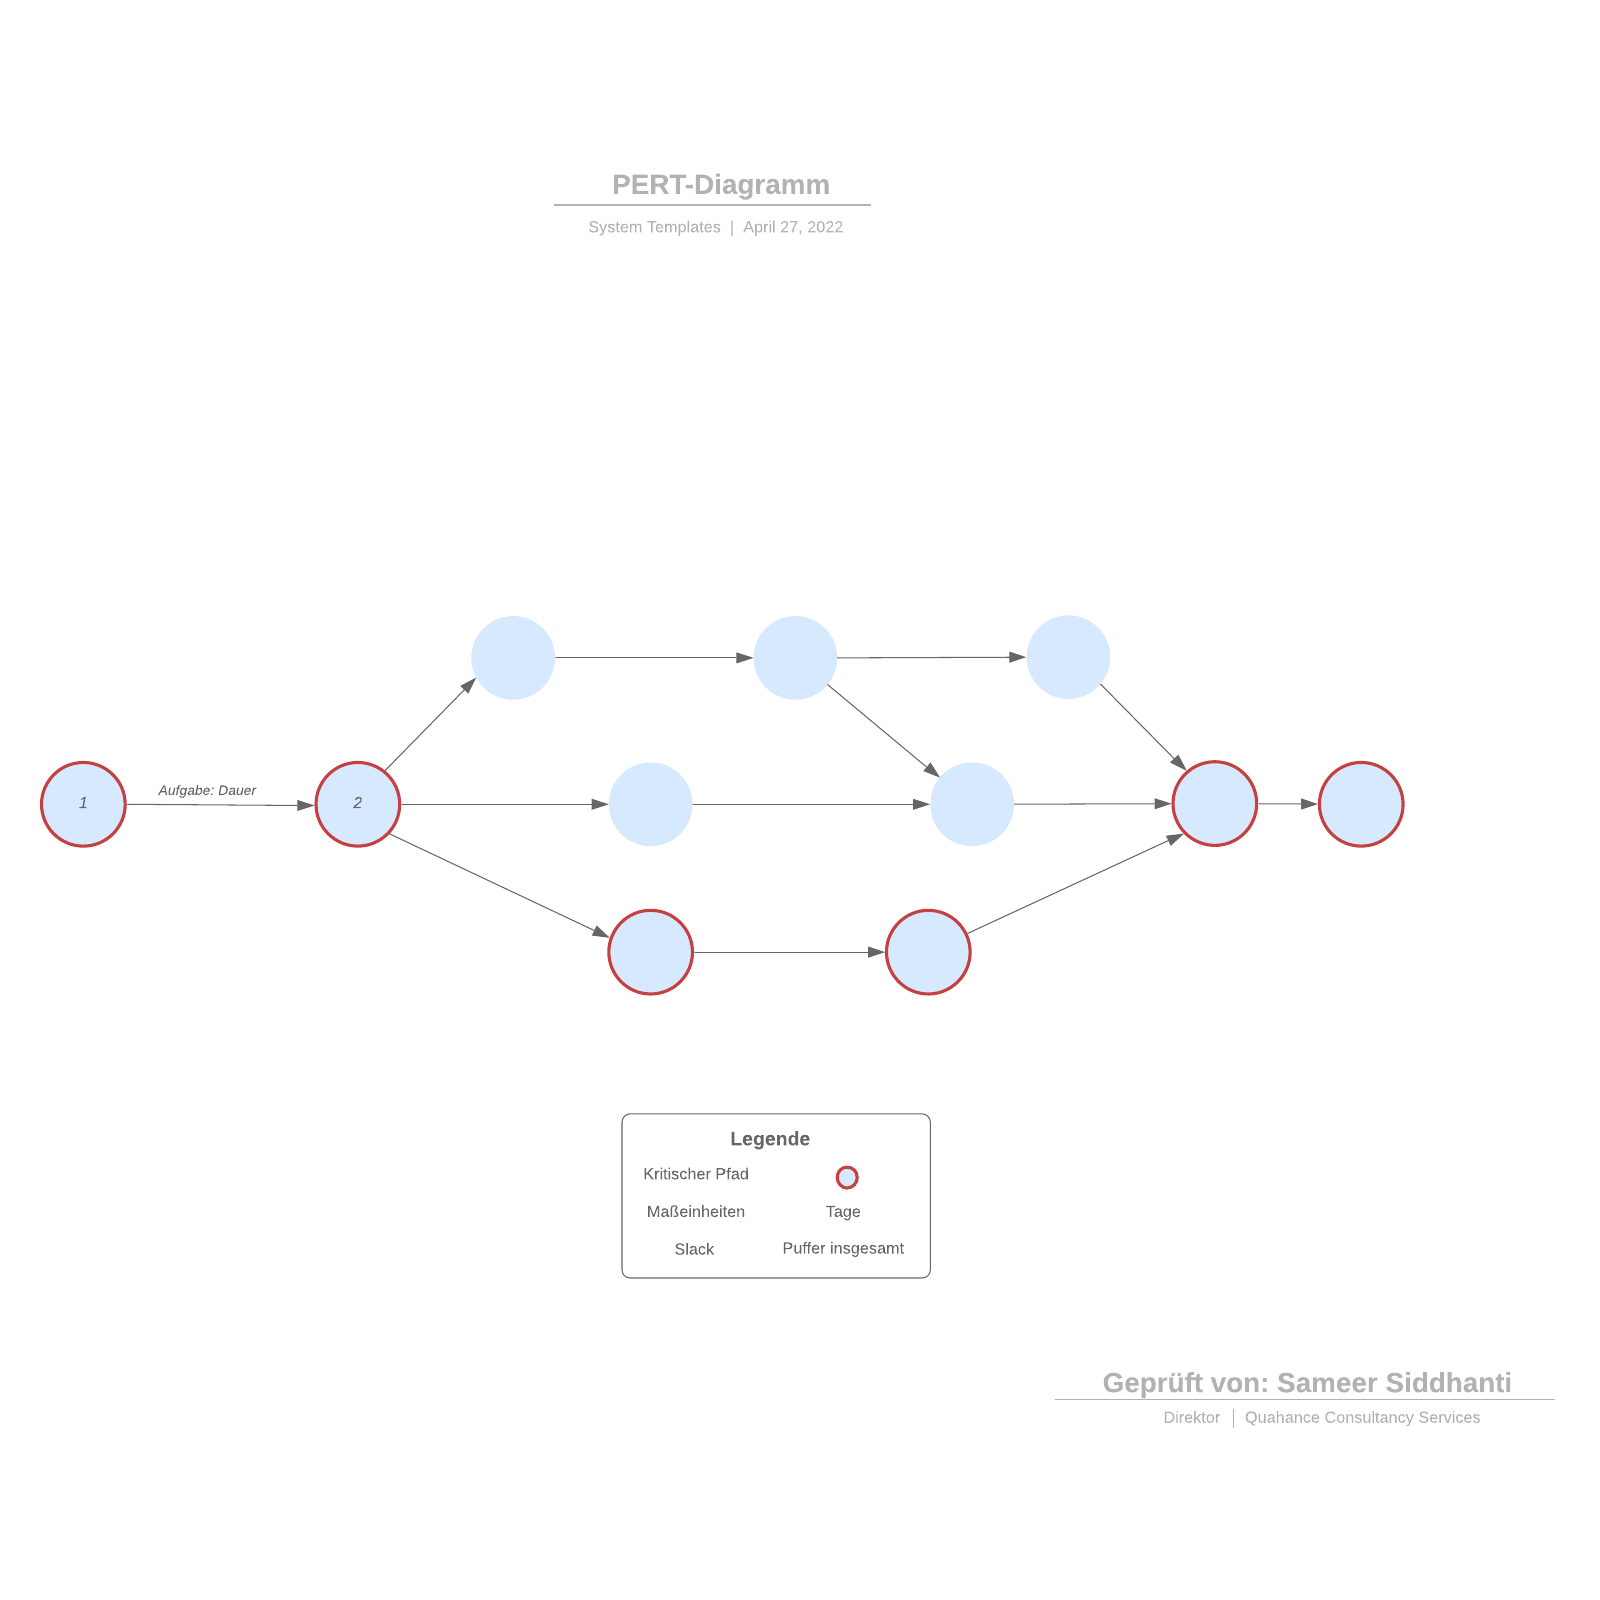 PERT-Diagramm Vorlage